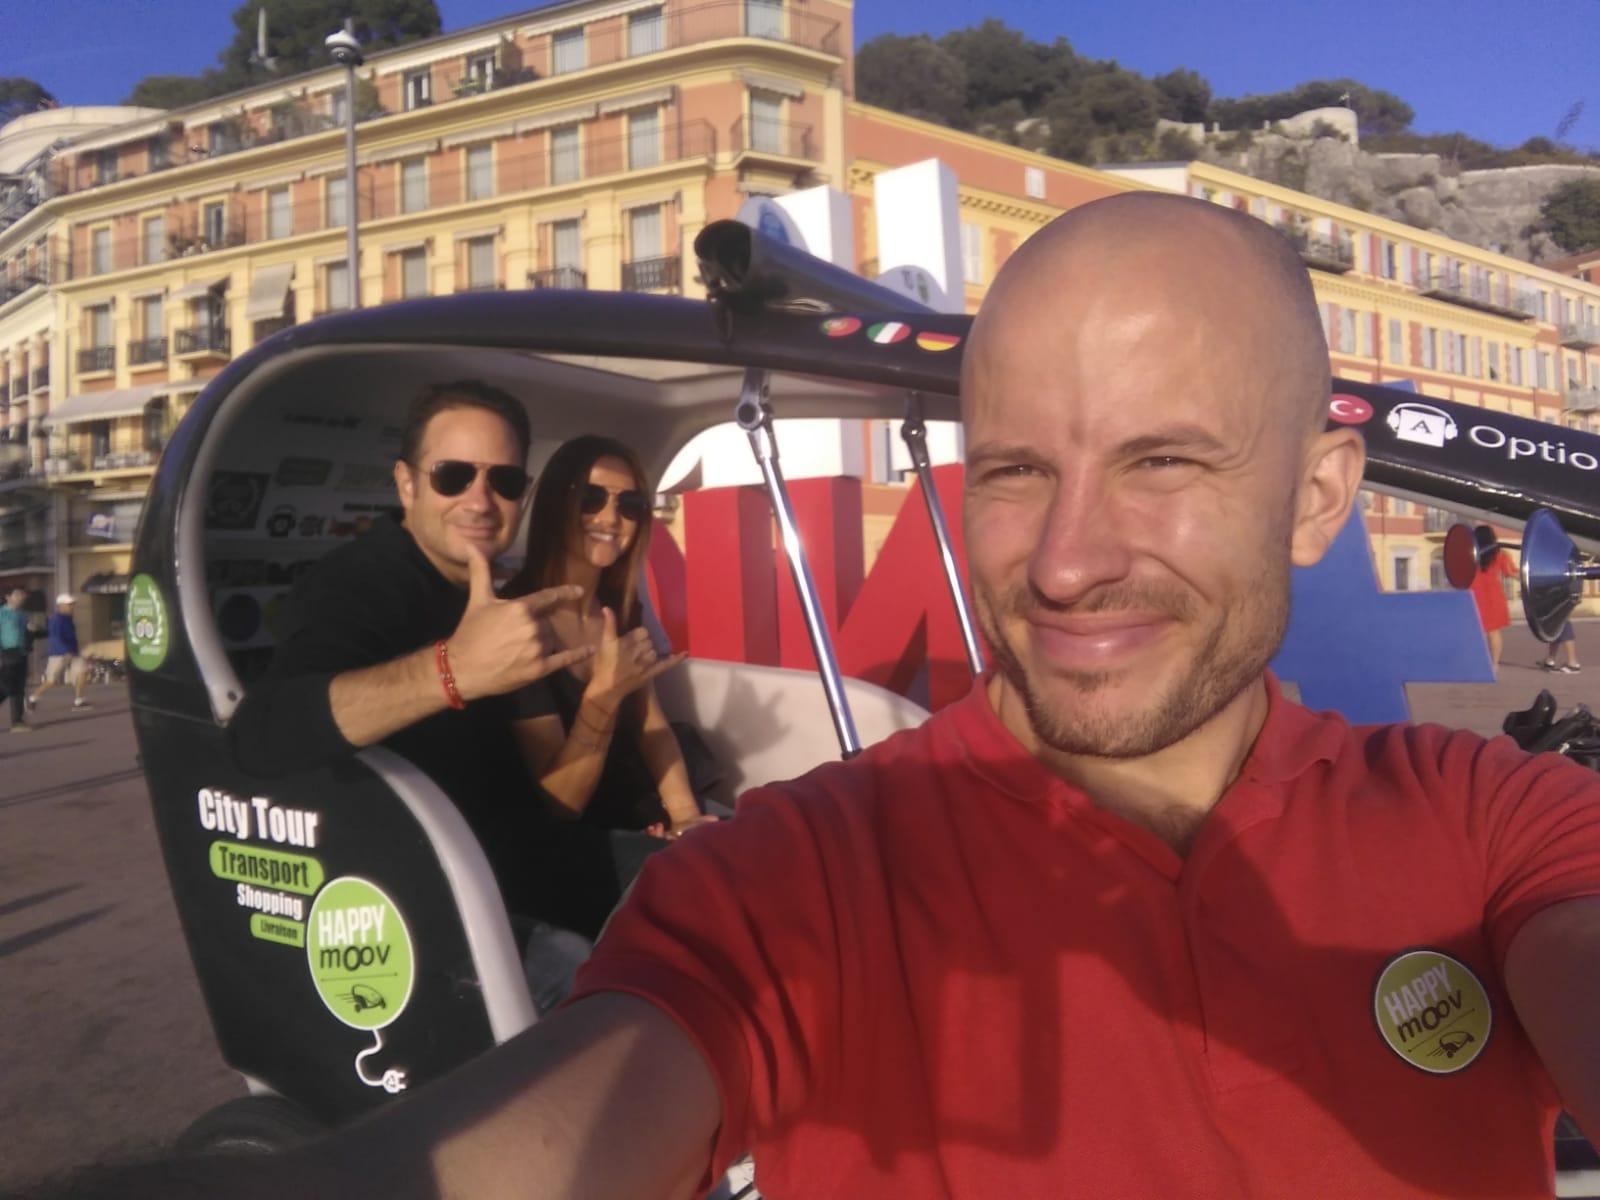 Tour privé de Nice en vélotaxi électrique - multilingue - 1h45